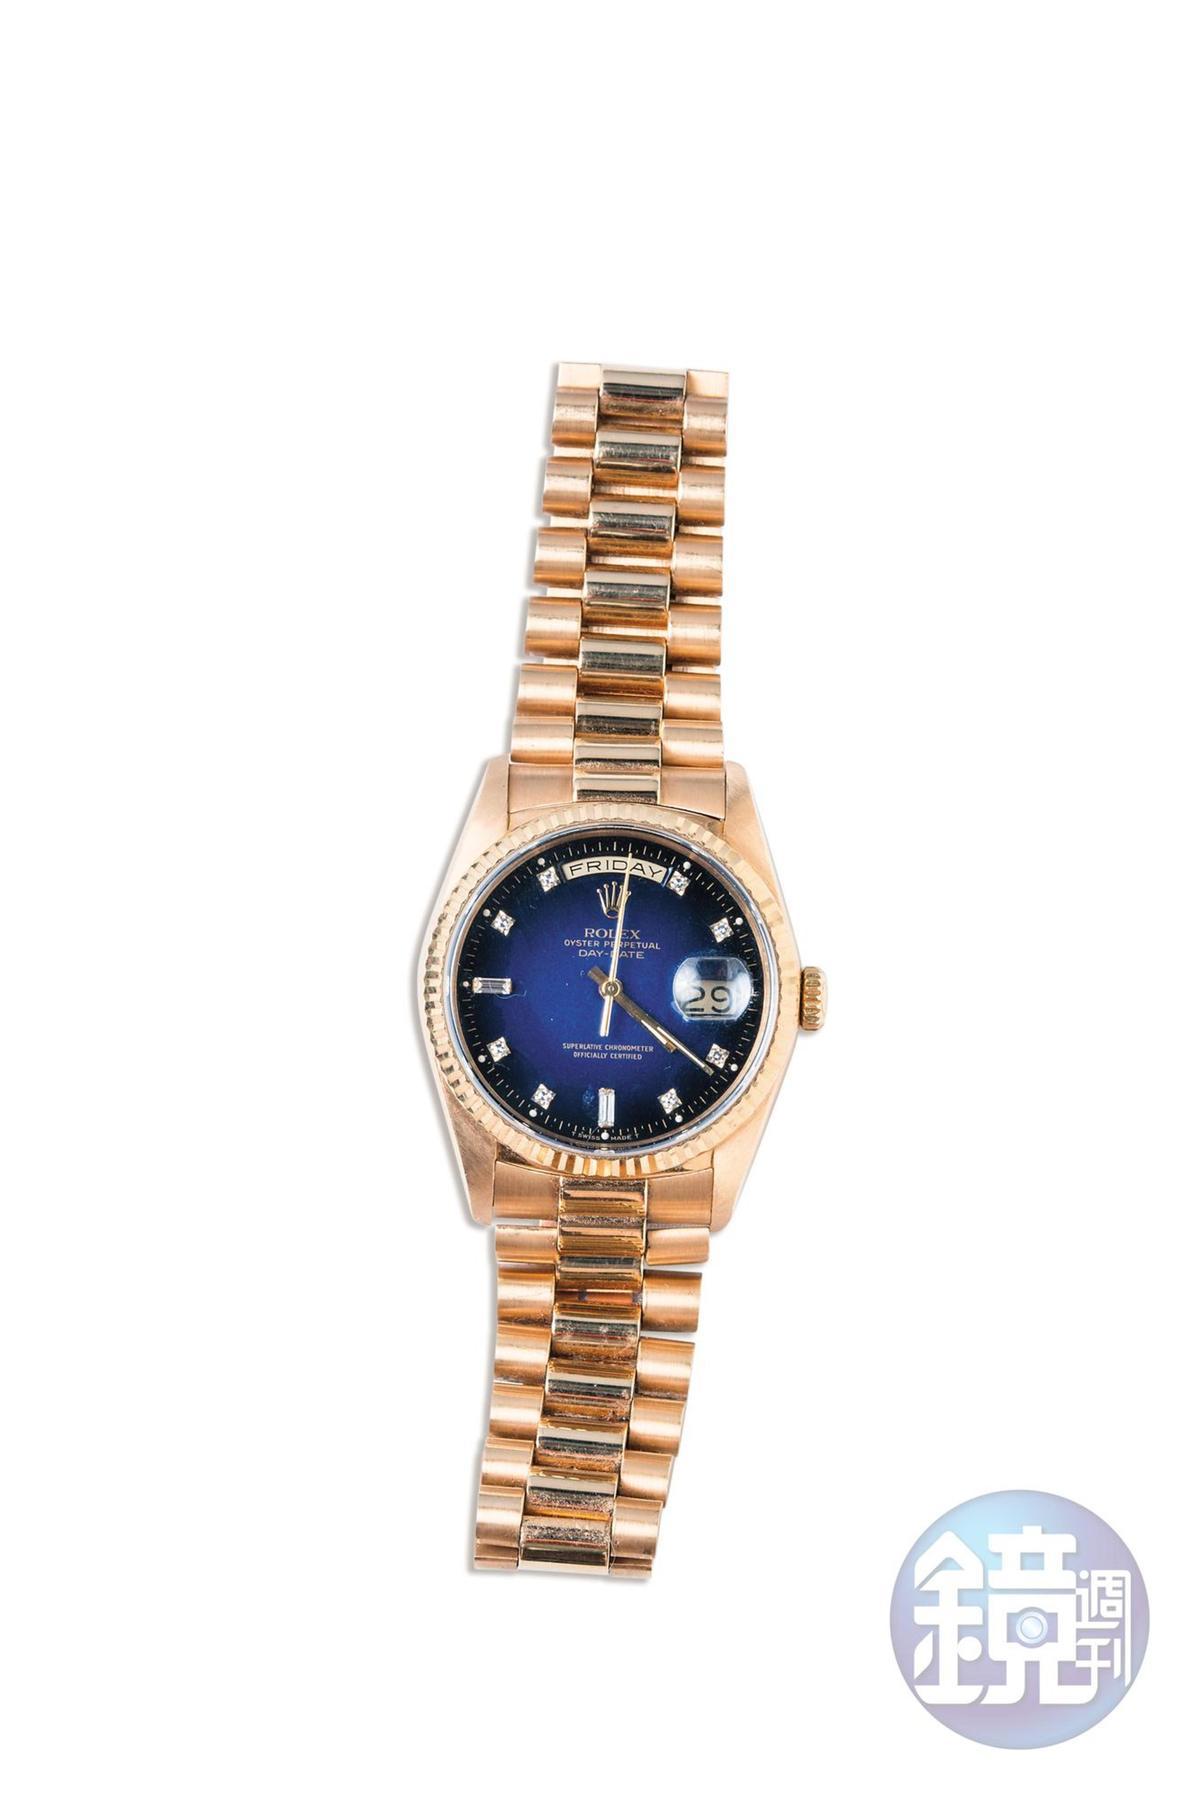 ROLEX Day-Date手錶。是從老公手上拿下來的